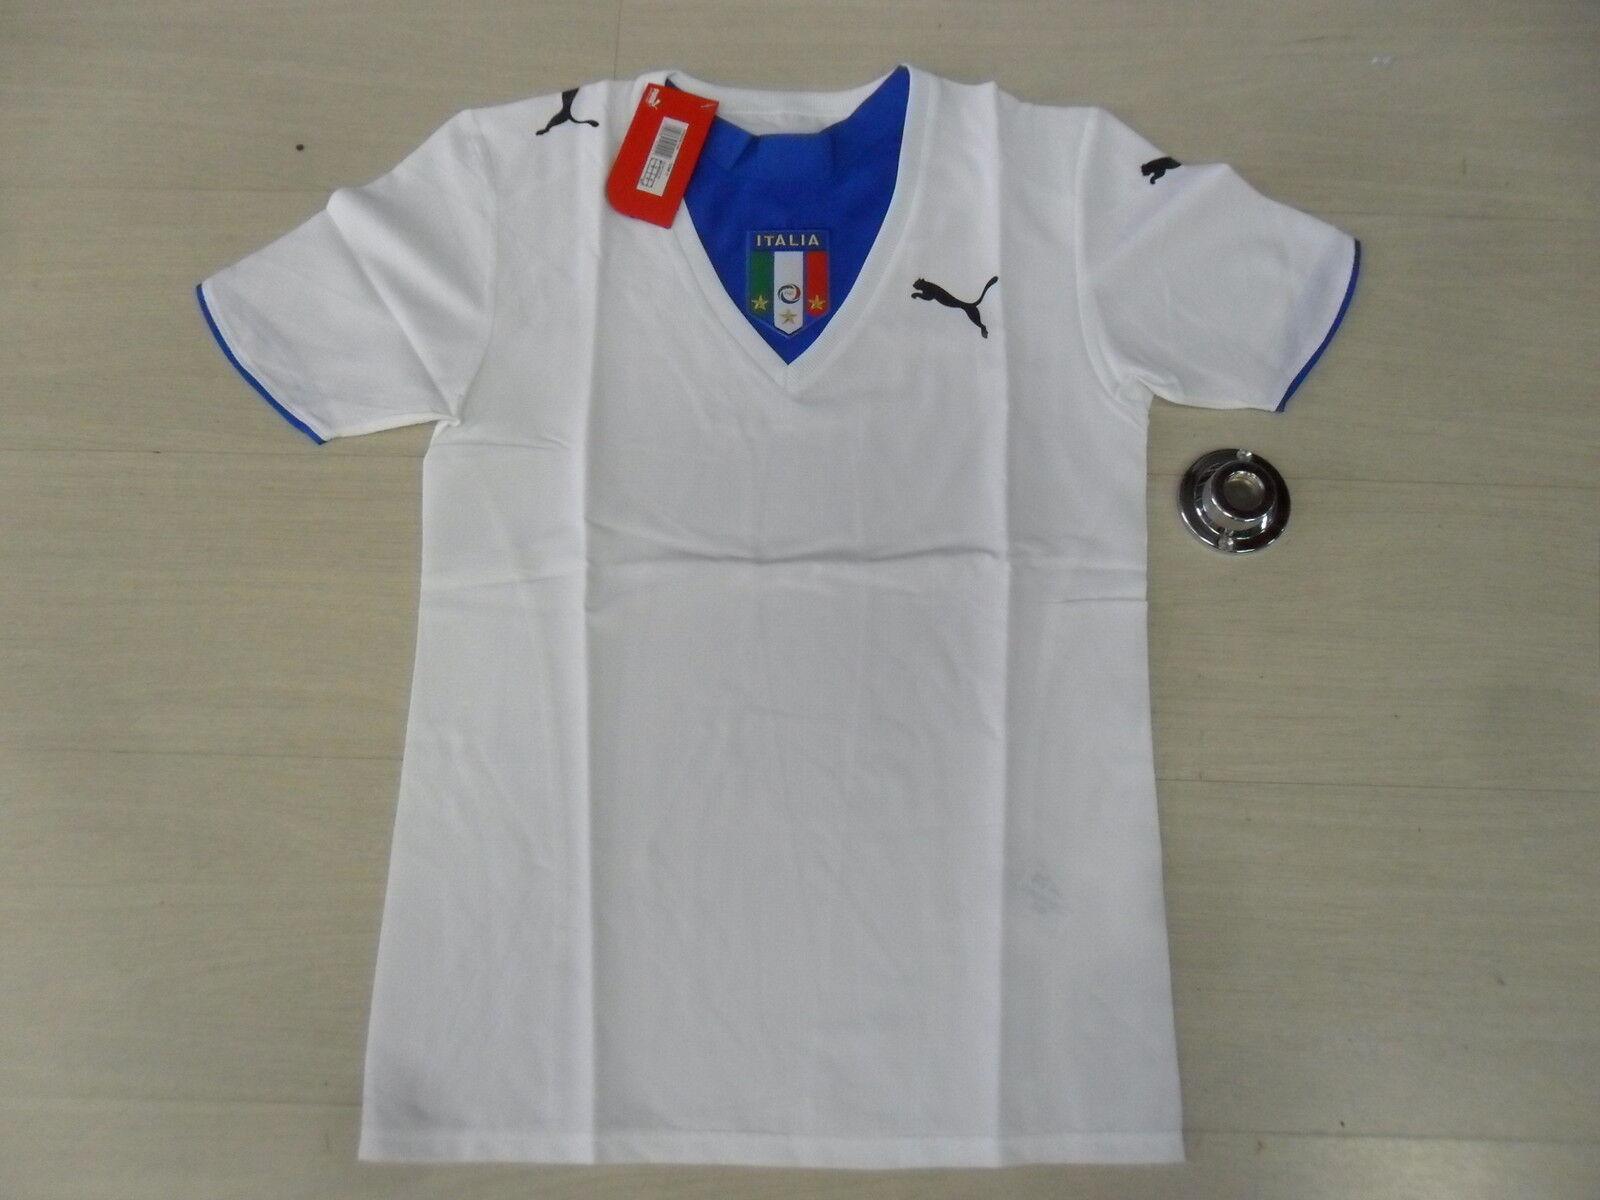 0950 TG XL ITALIA ITALIË CAISETA 3 STELLE UNA manERA ALEmanIA 2006 SHART